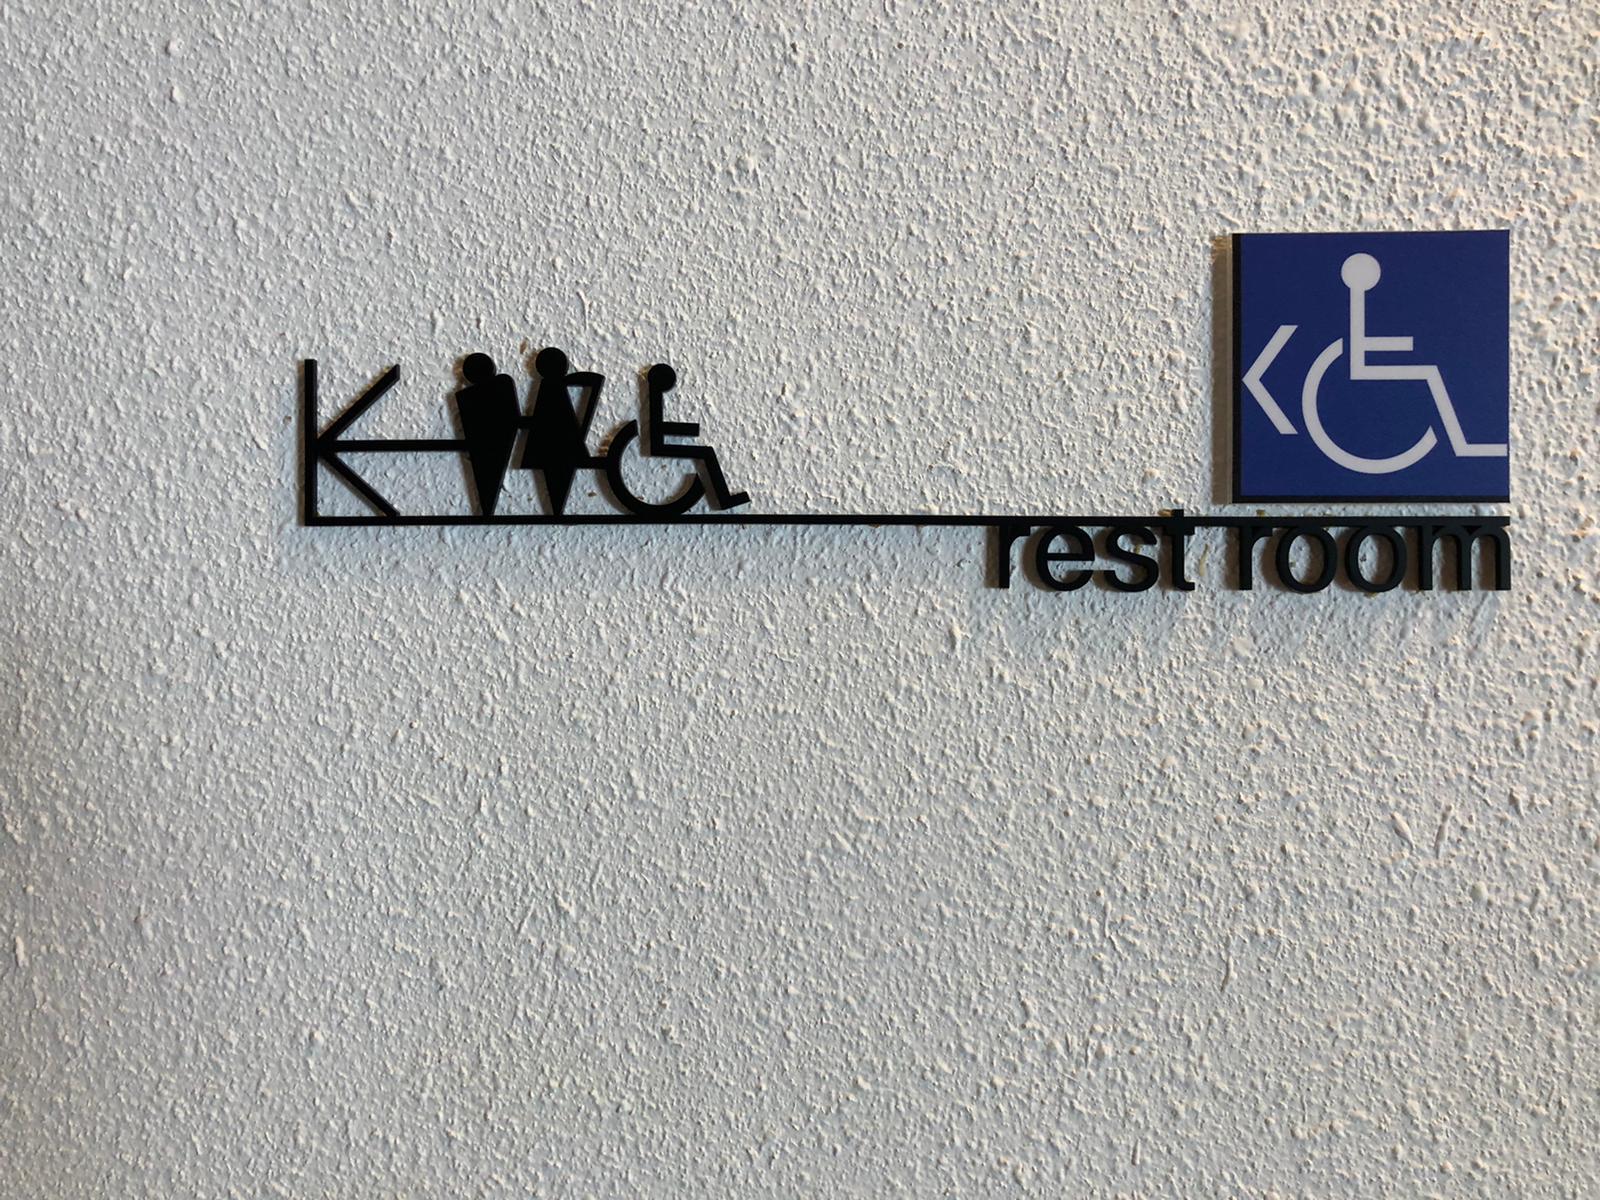 Restroom Indicators